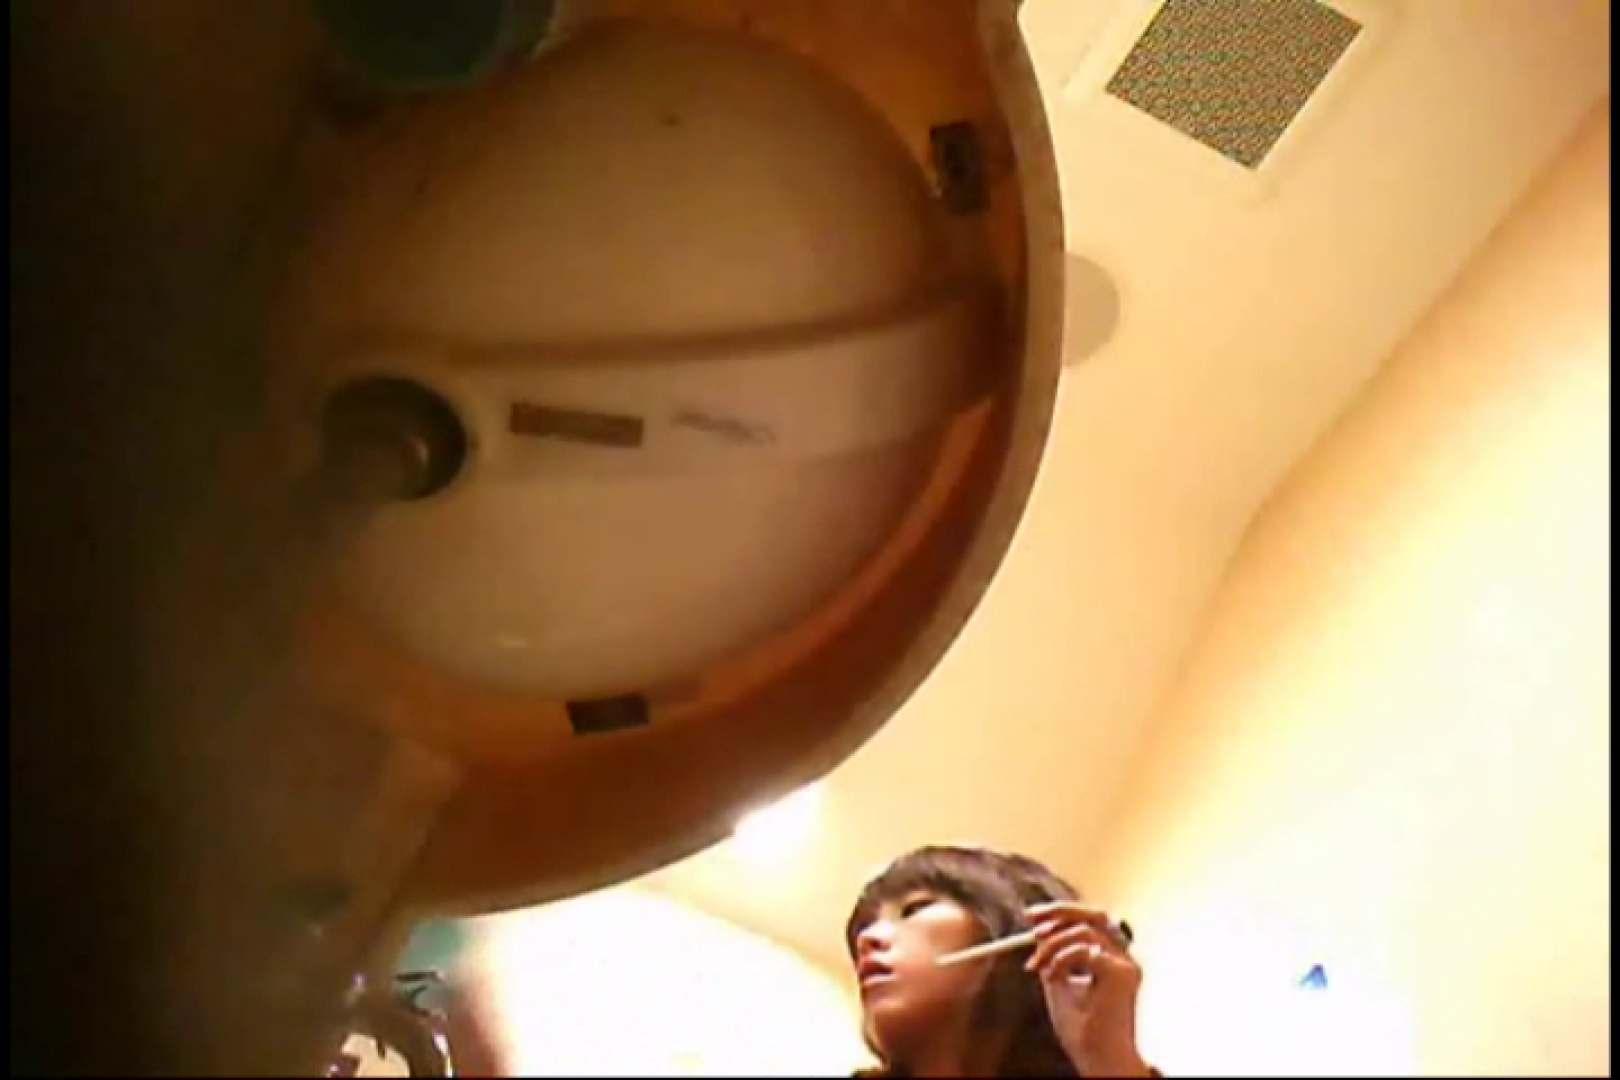 潜入!!女子化粧室盗撮~絶対見られたくない時間~vo,12 潜入 | 盗撮動画  9枚 1